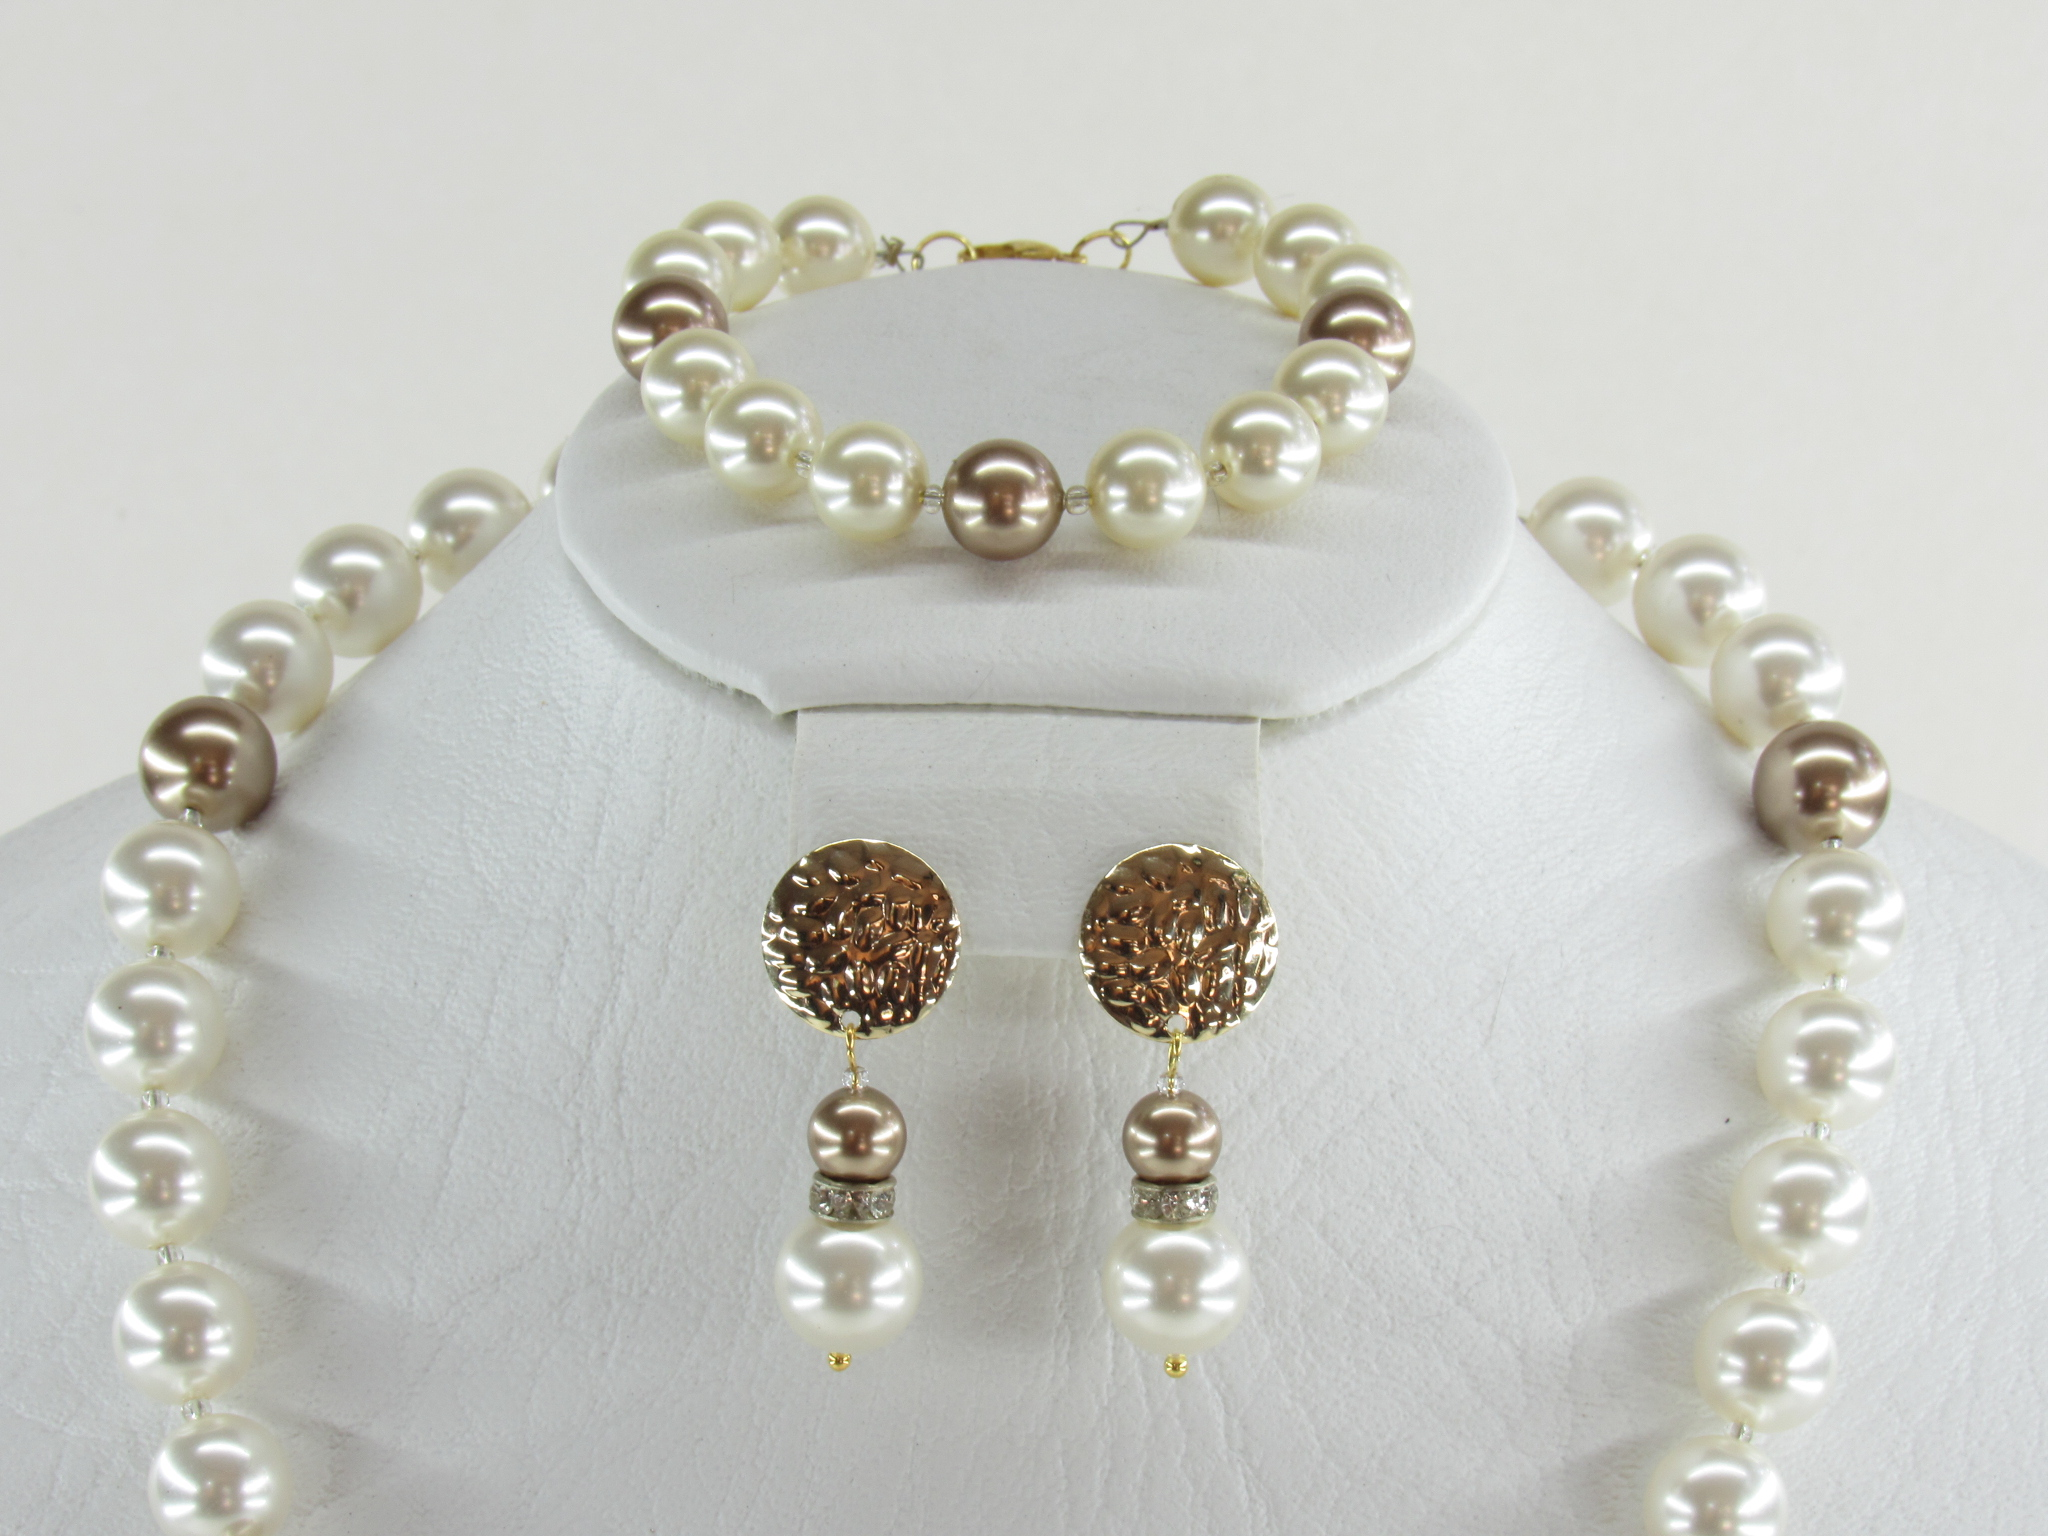 fe3450d978c1 Juego collar pulsera y aretes perlas - Imaginación - Óscar Alegría